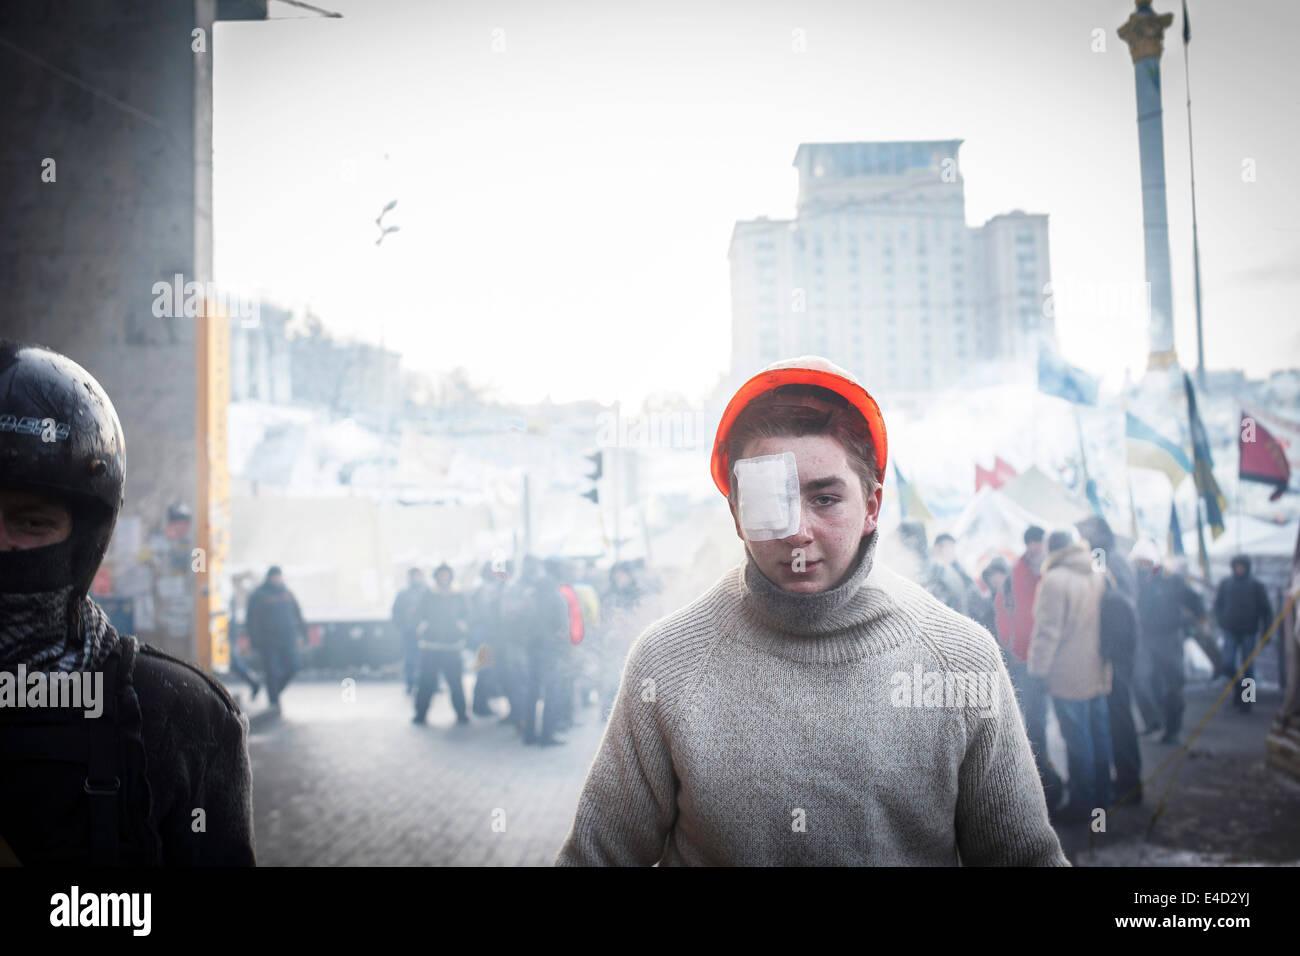 Verletzter Demonstrant, Euromajdan, Kiew, Ukraine Stockbild